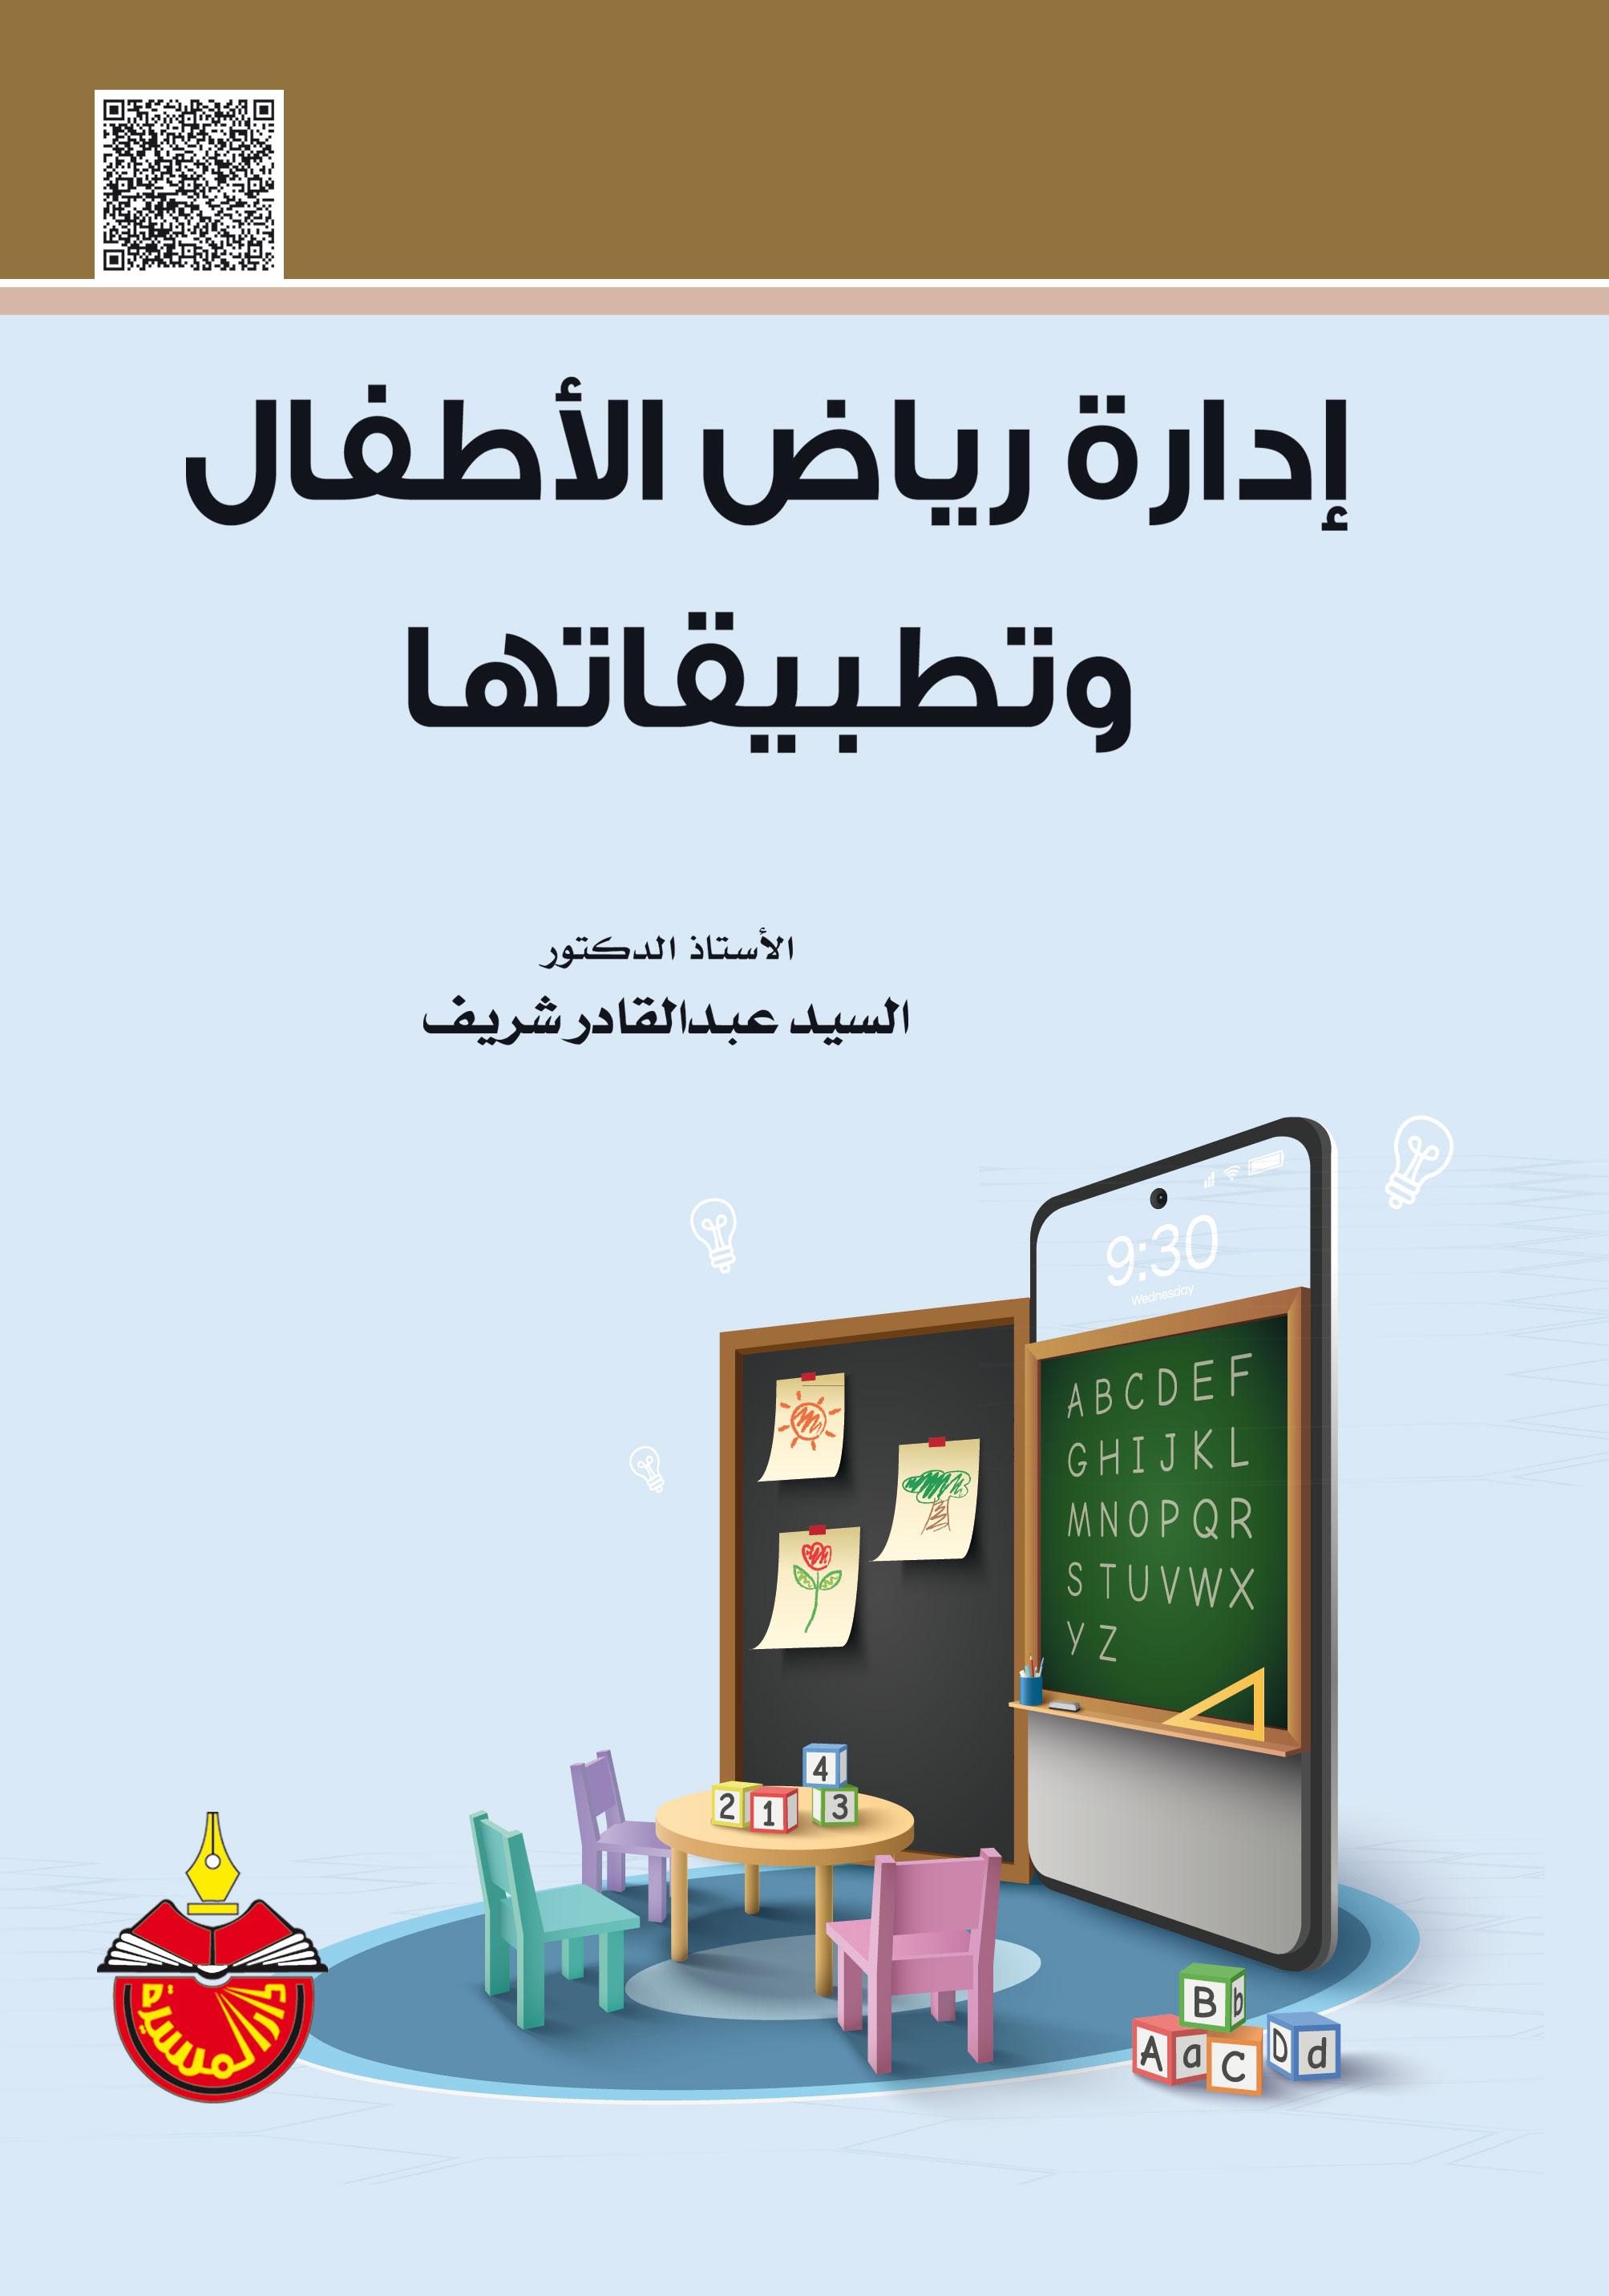 تحميل كتاب ادارة رياض الاطفال وتطبيقاتها